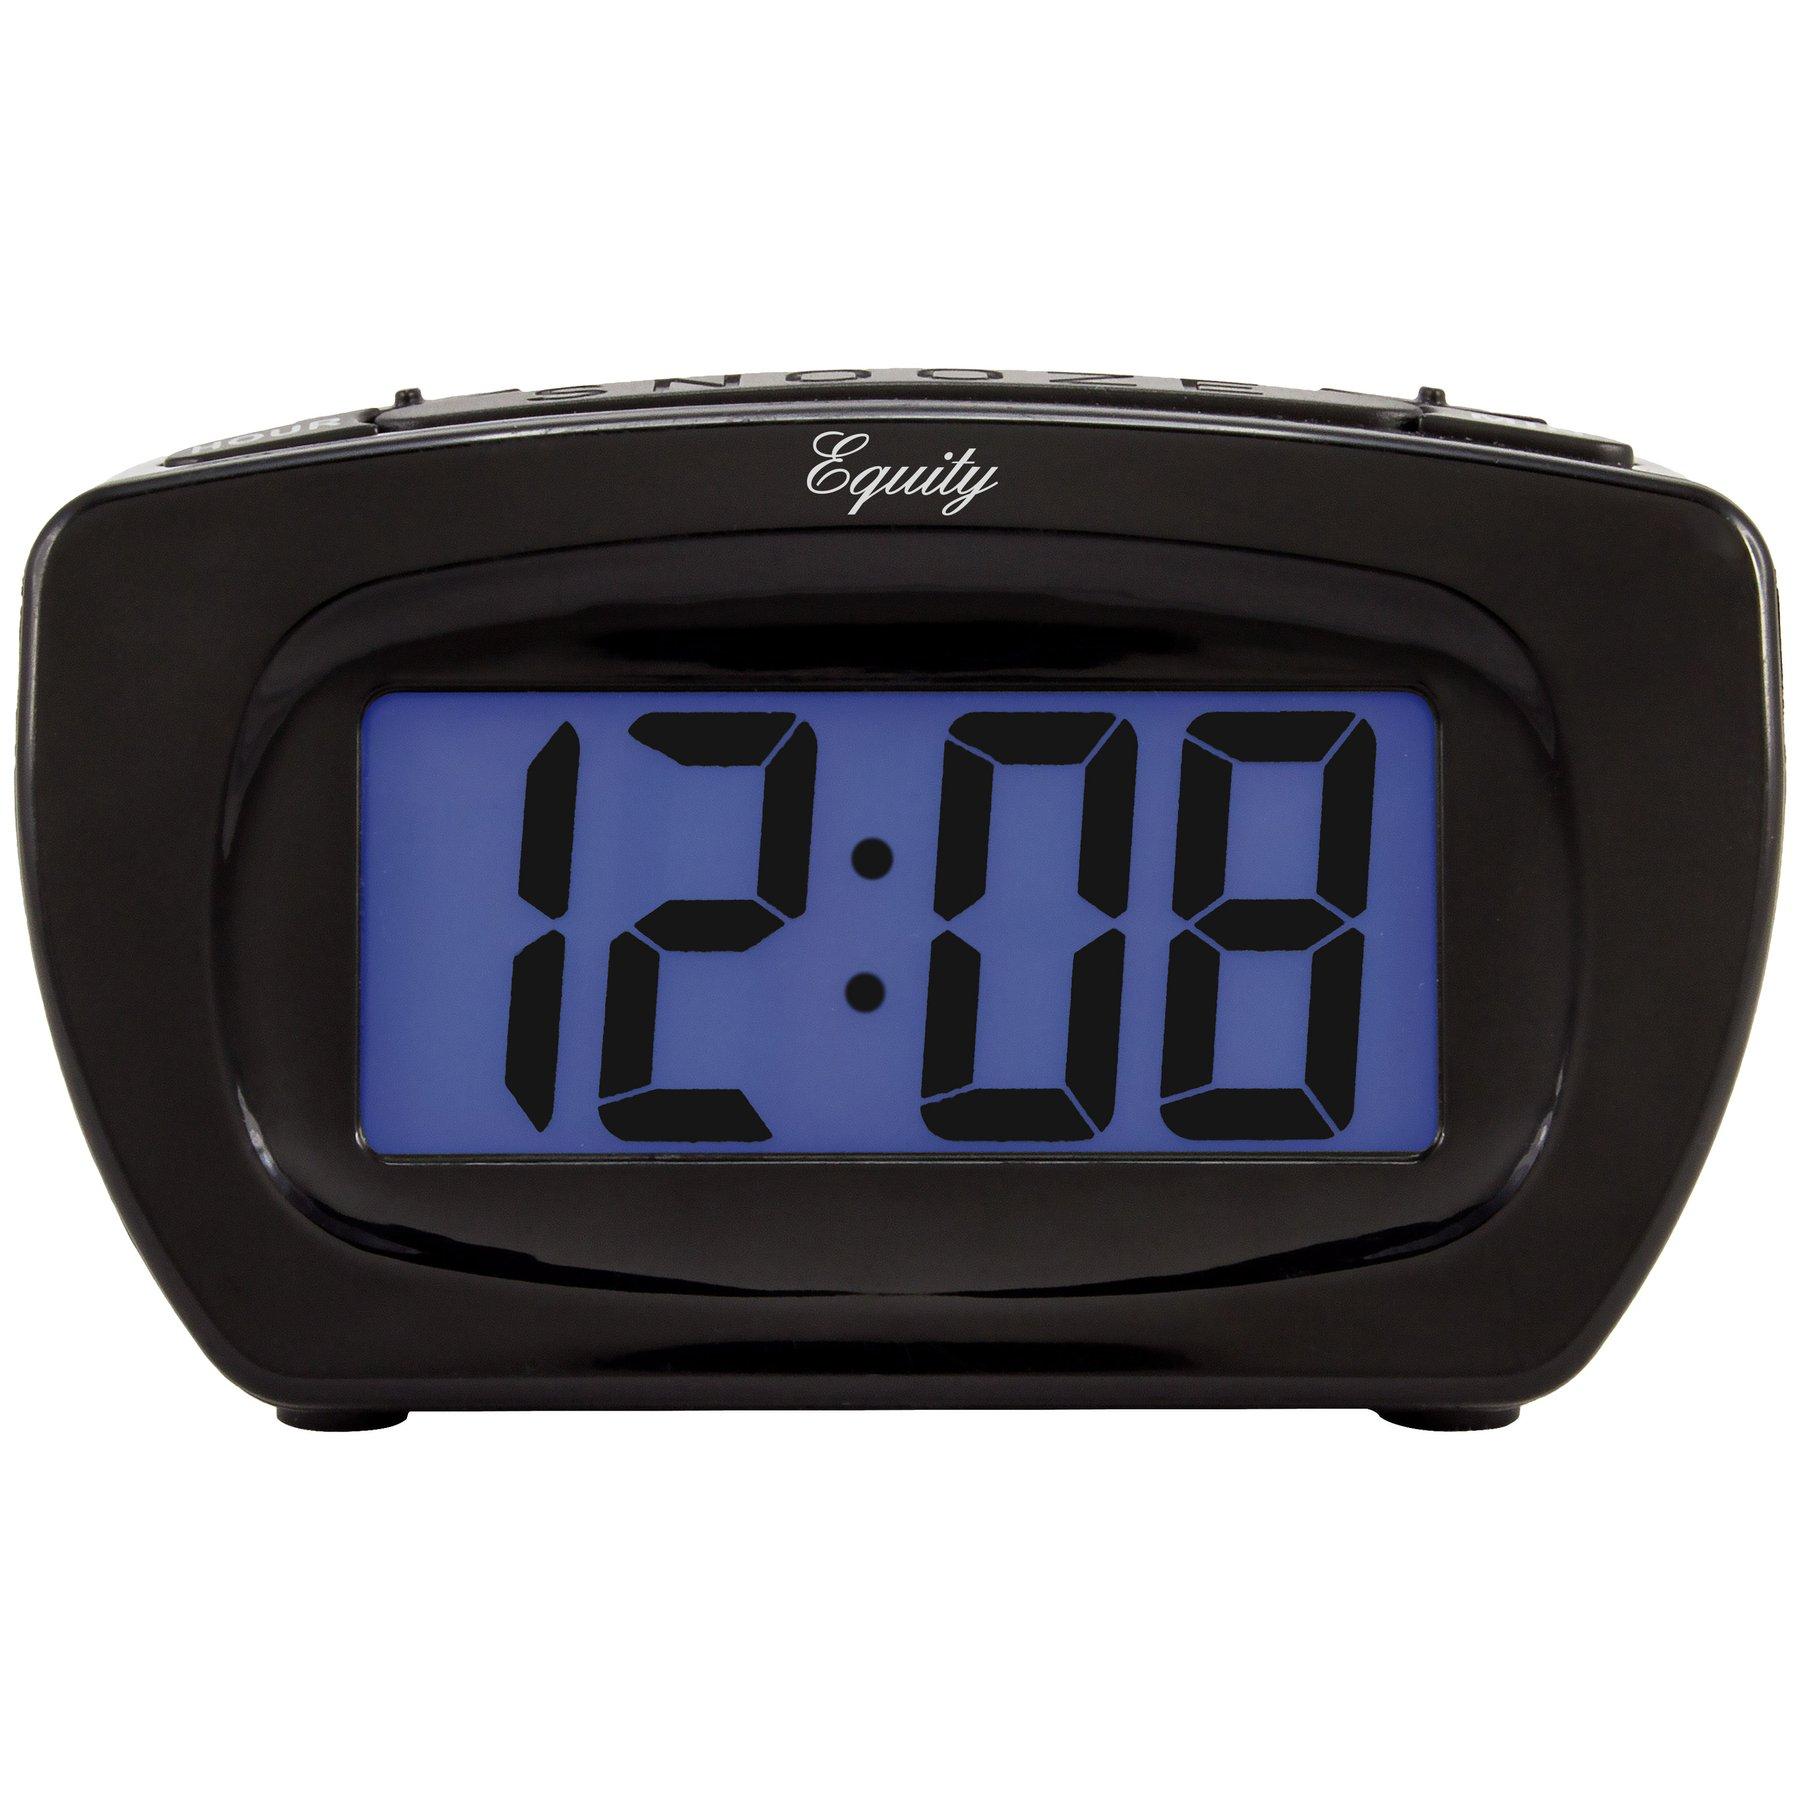 Super-Loud Digital LCD Alarm Clock- 70 or 95 dB